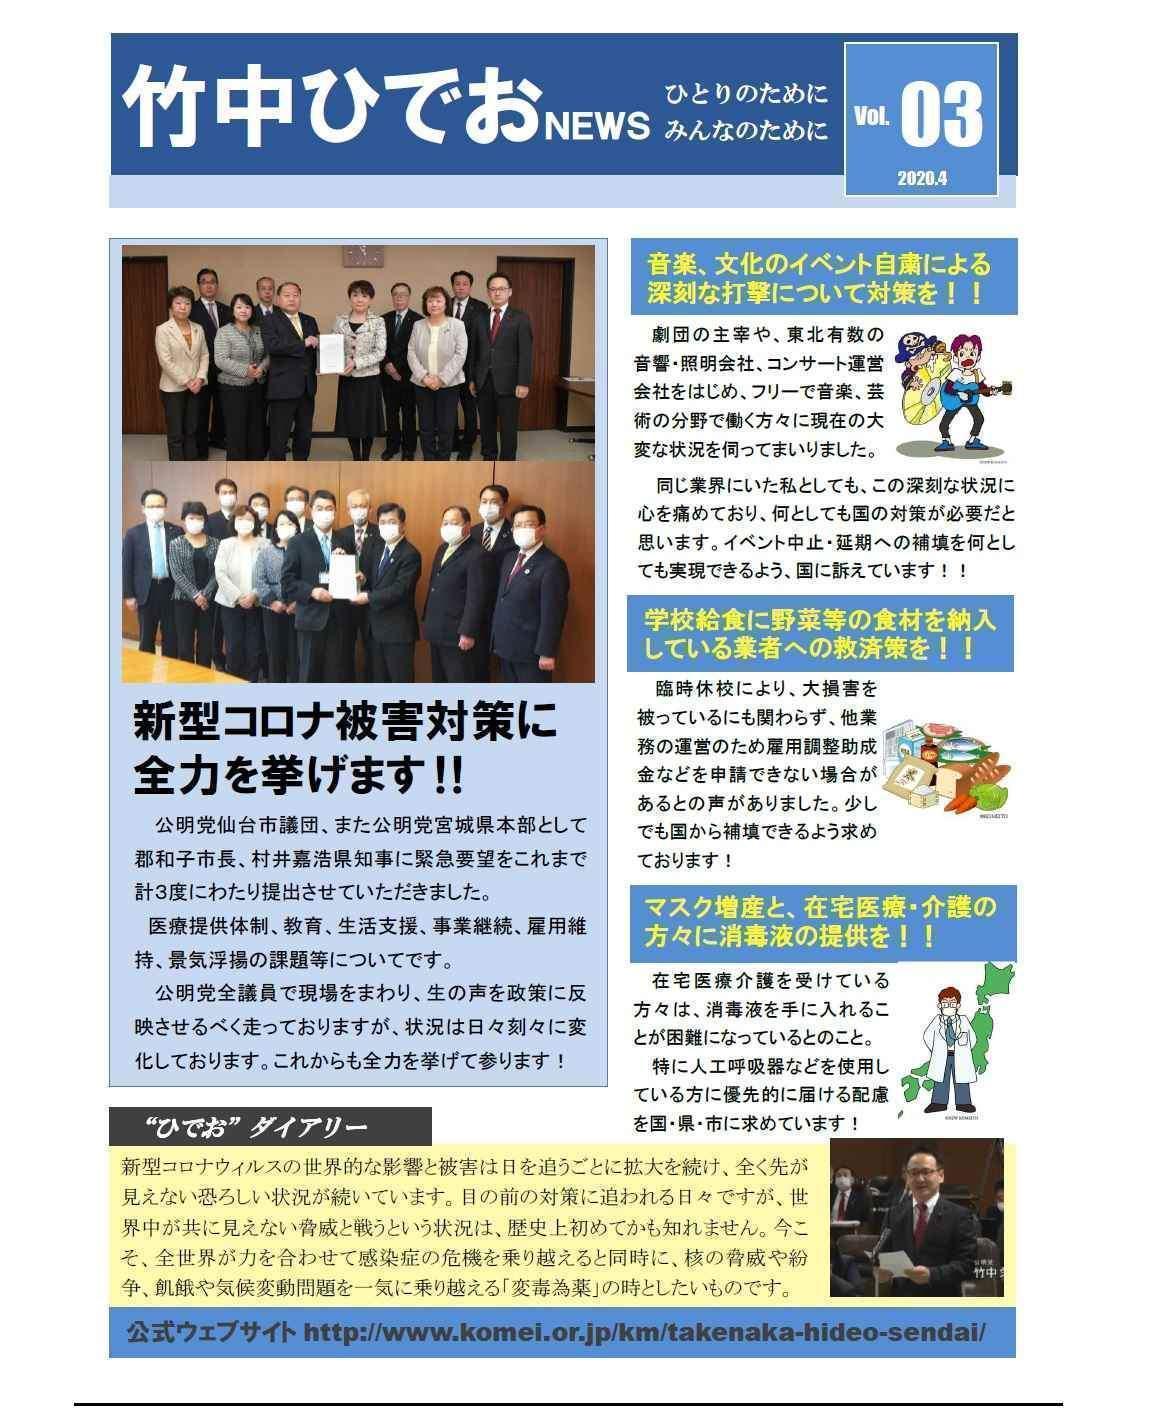 仙台 市 避難 情報 ウェブ サイト